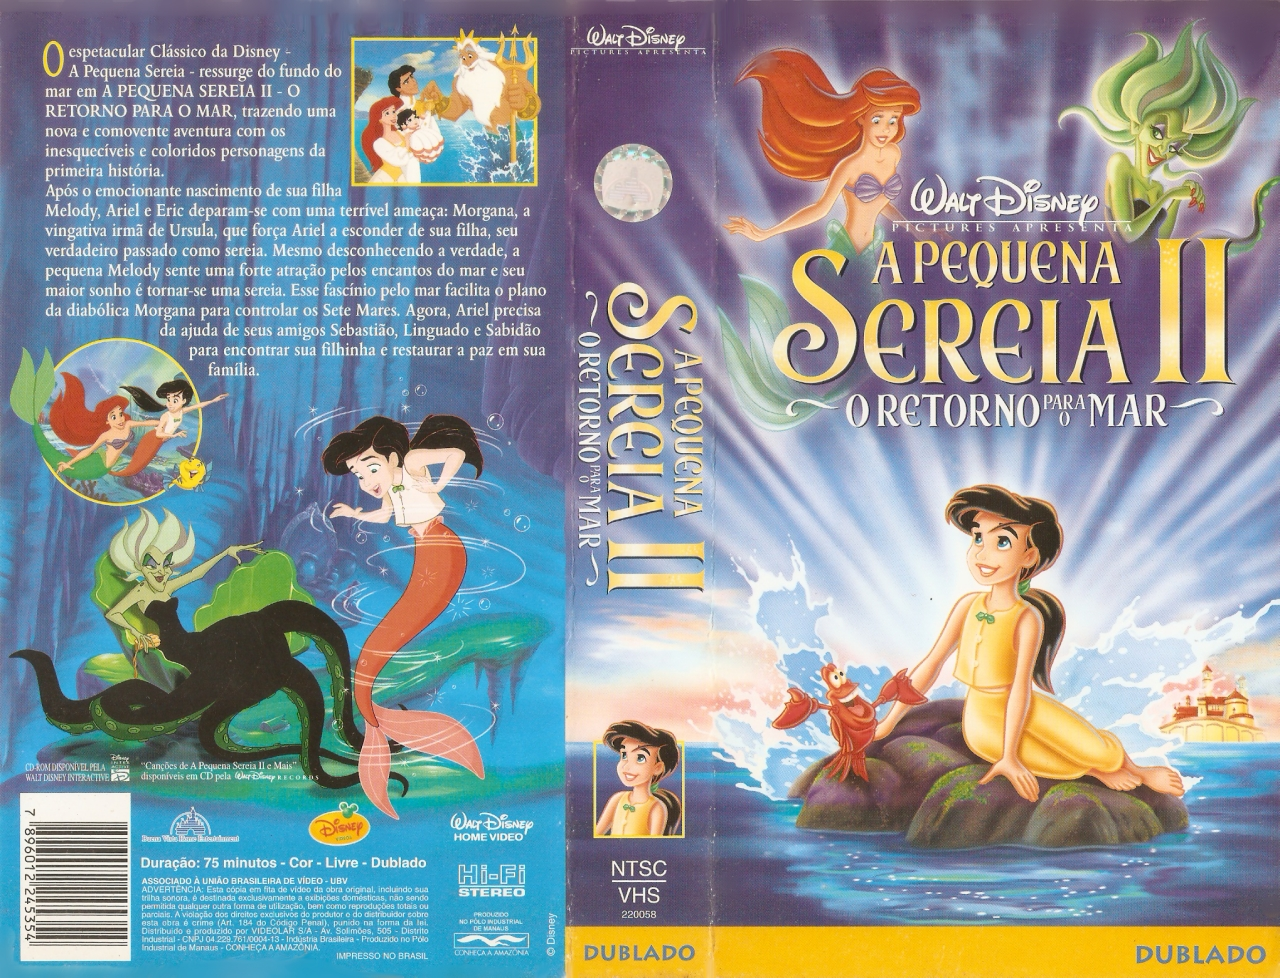 A Pequena Sereia 2 O Retorno Para O Mar Completo Dublado Desenho Ani Papel De Parede Pequena Sereia Personagens Pequena Sereia Mermaid Wallpaper